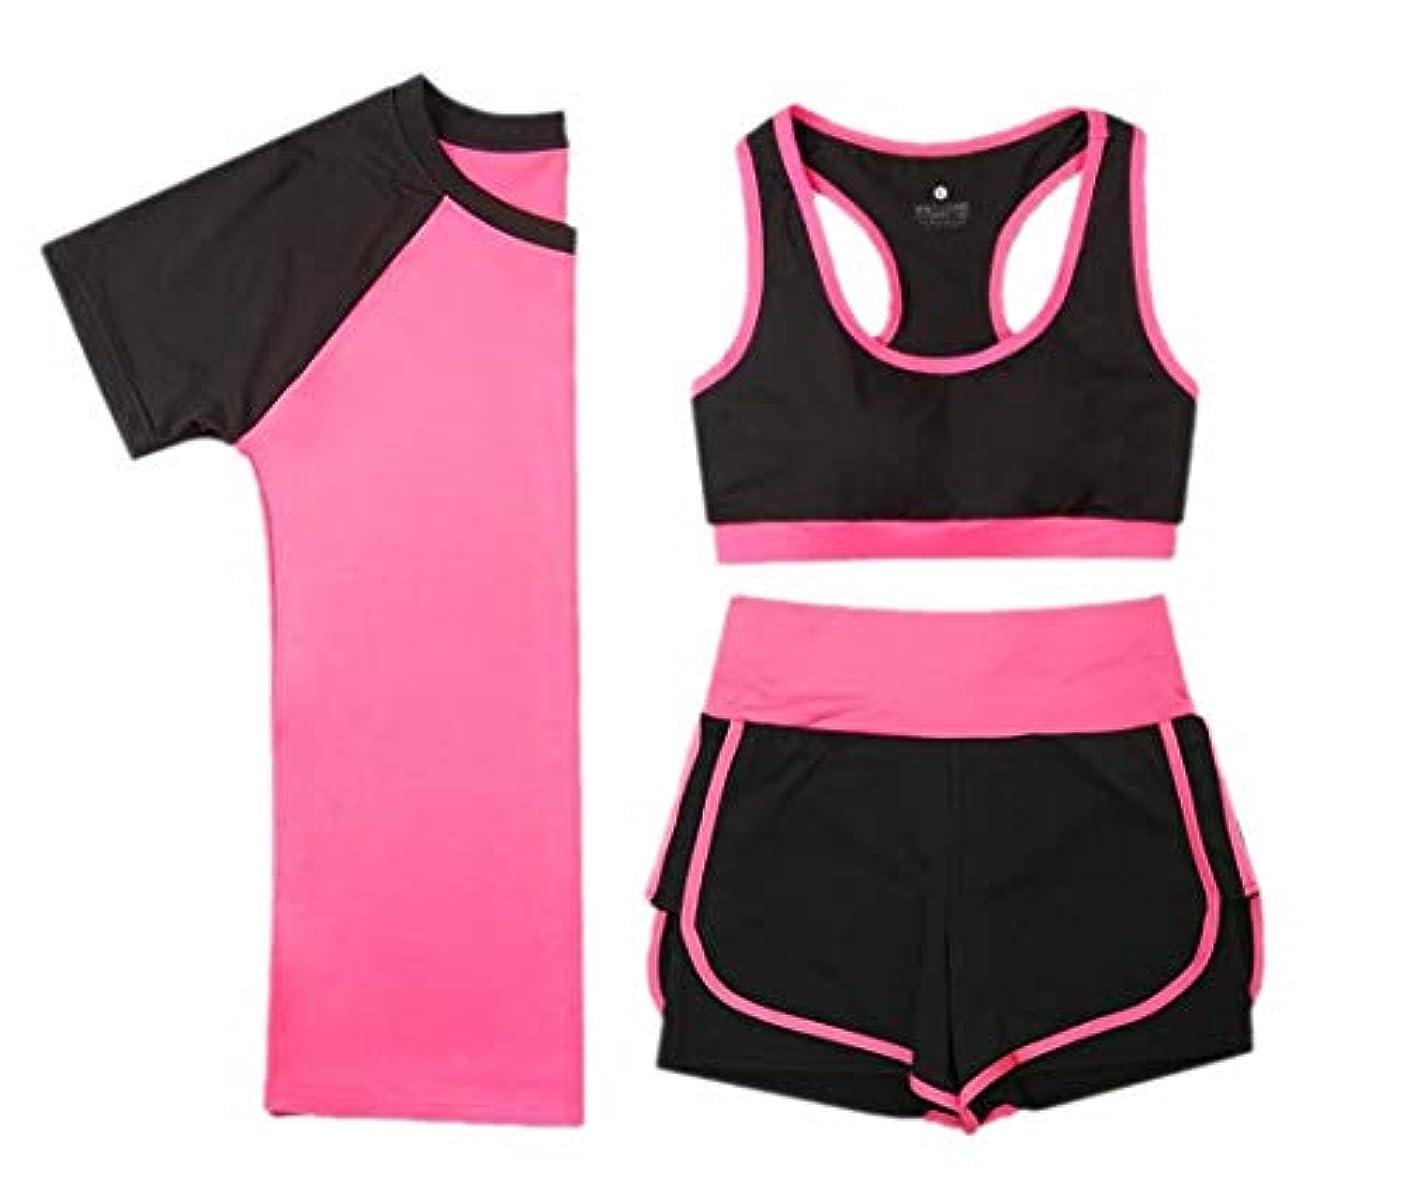 ケープコンサルタント不透明なKeaac Women Sexy Crop Top Shorts Set and T-Shirt 3 Piece Outfits Jumpsuits